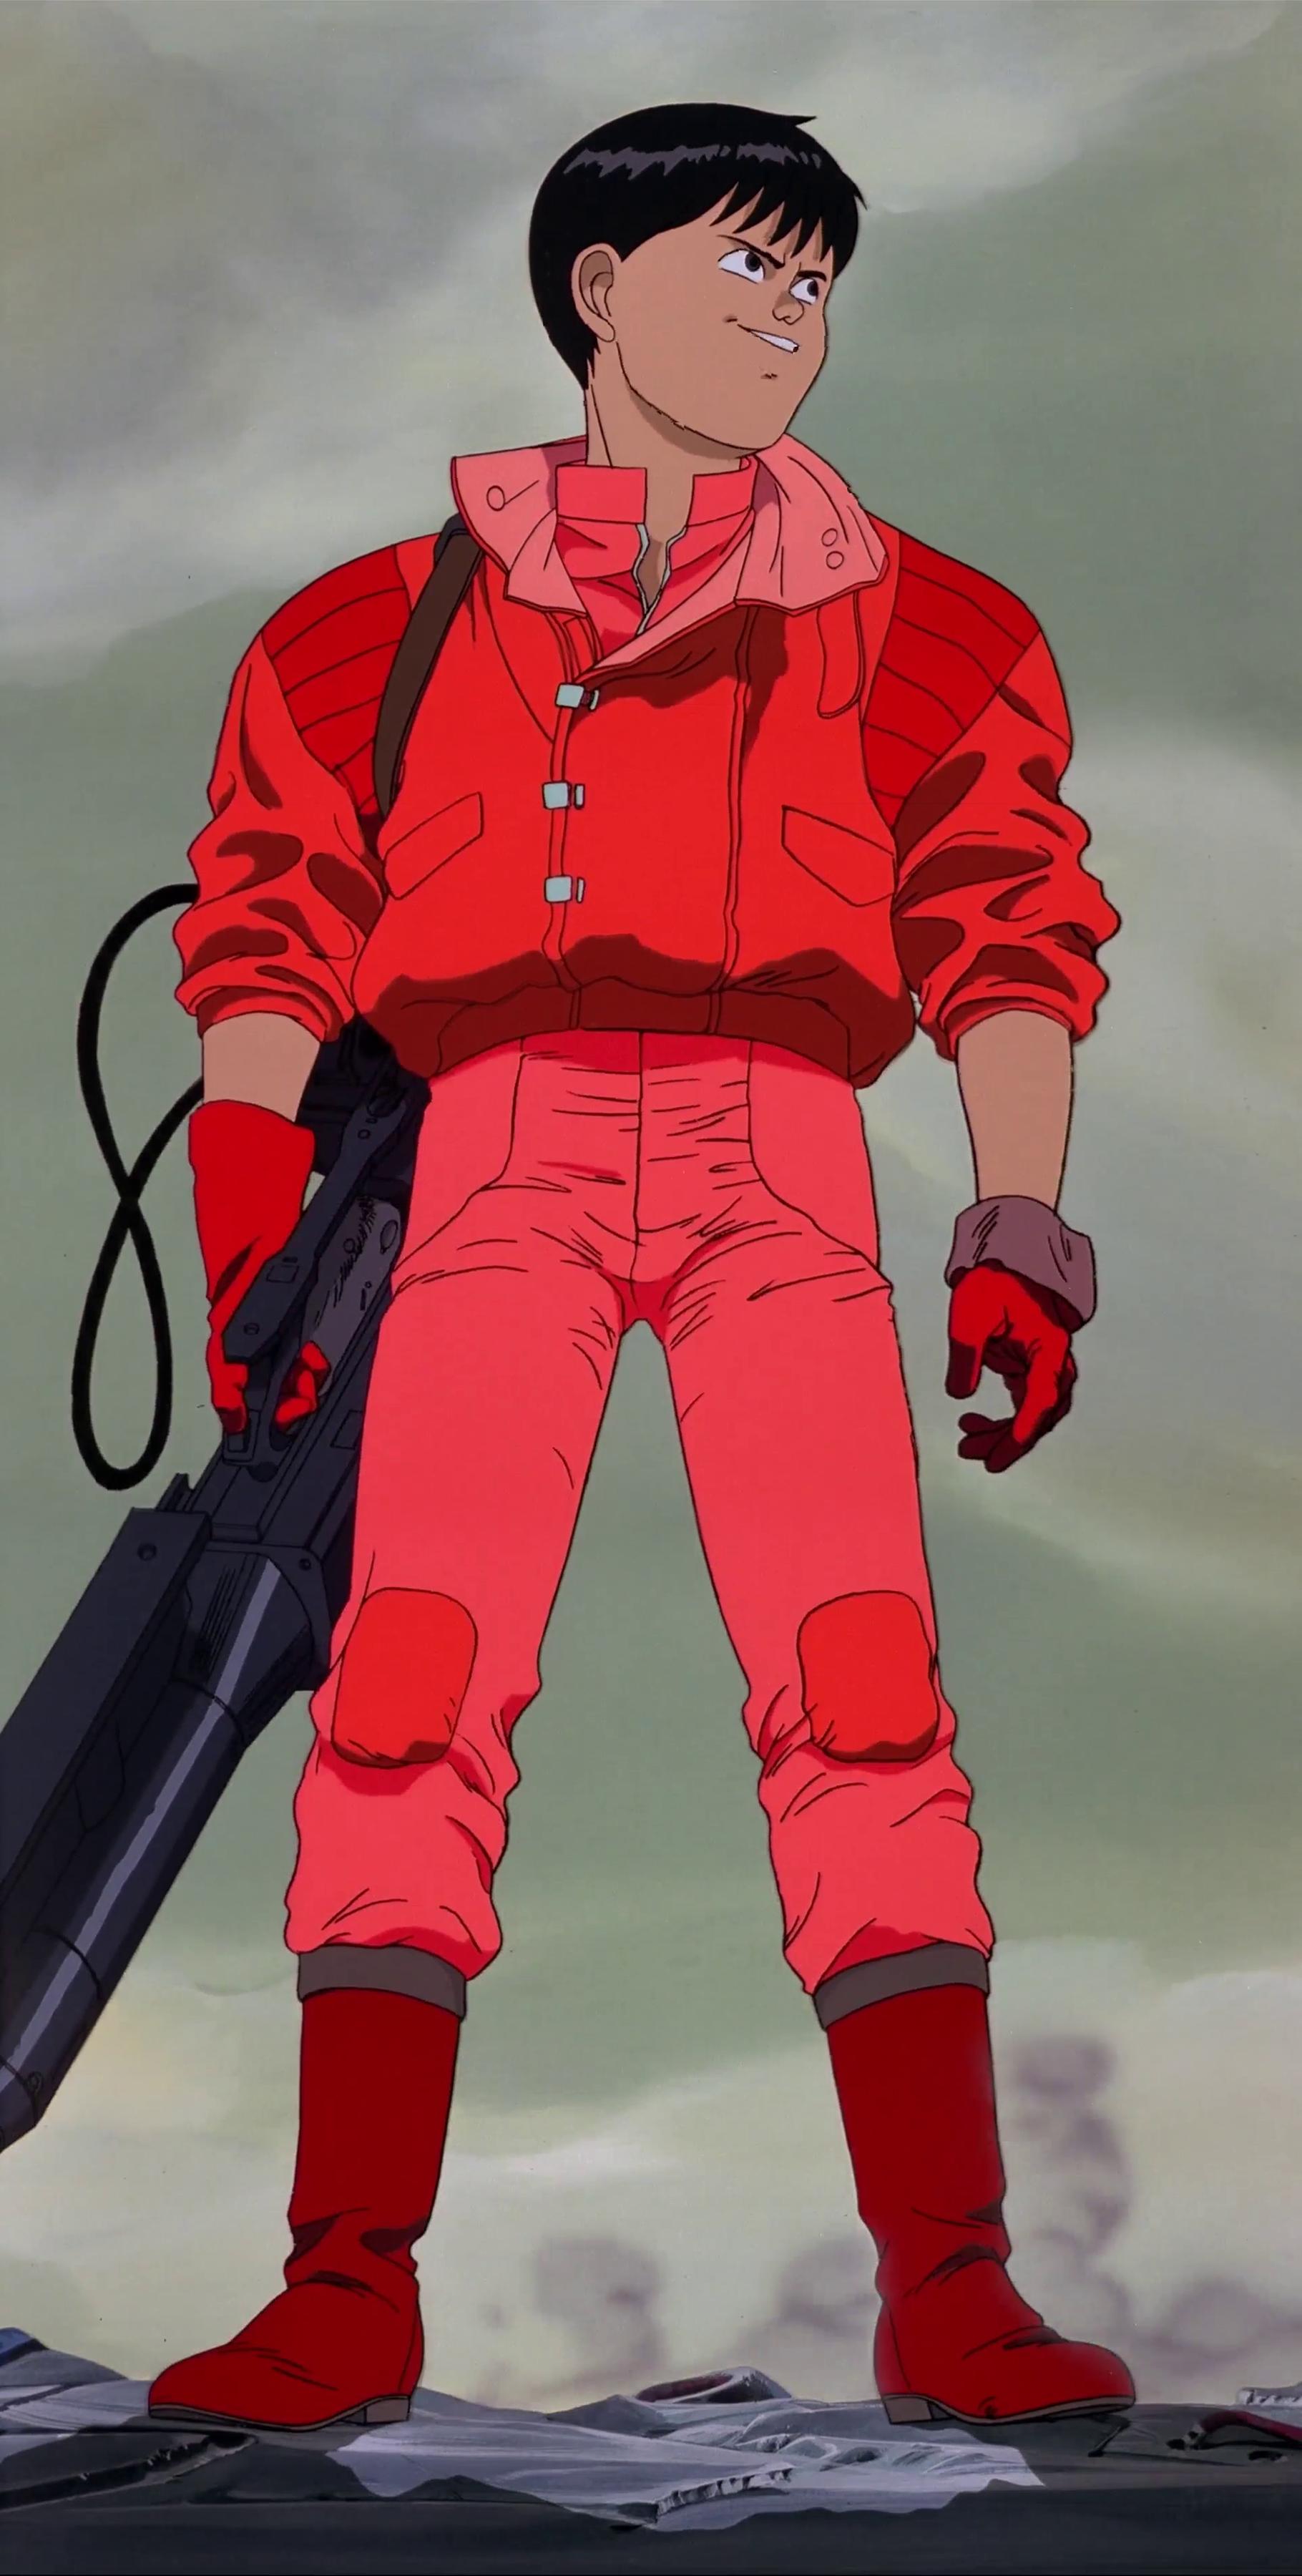 Pin By Andrew Kwan On Anime Manga Akira Manga Akira Anime Akira Characters